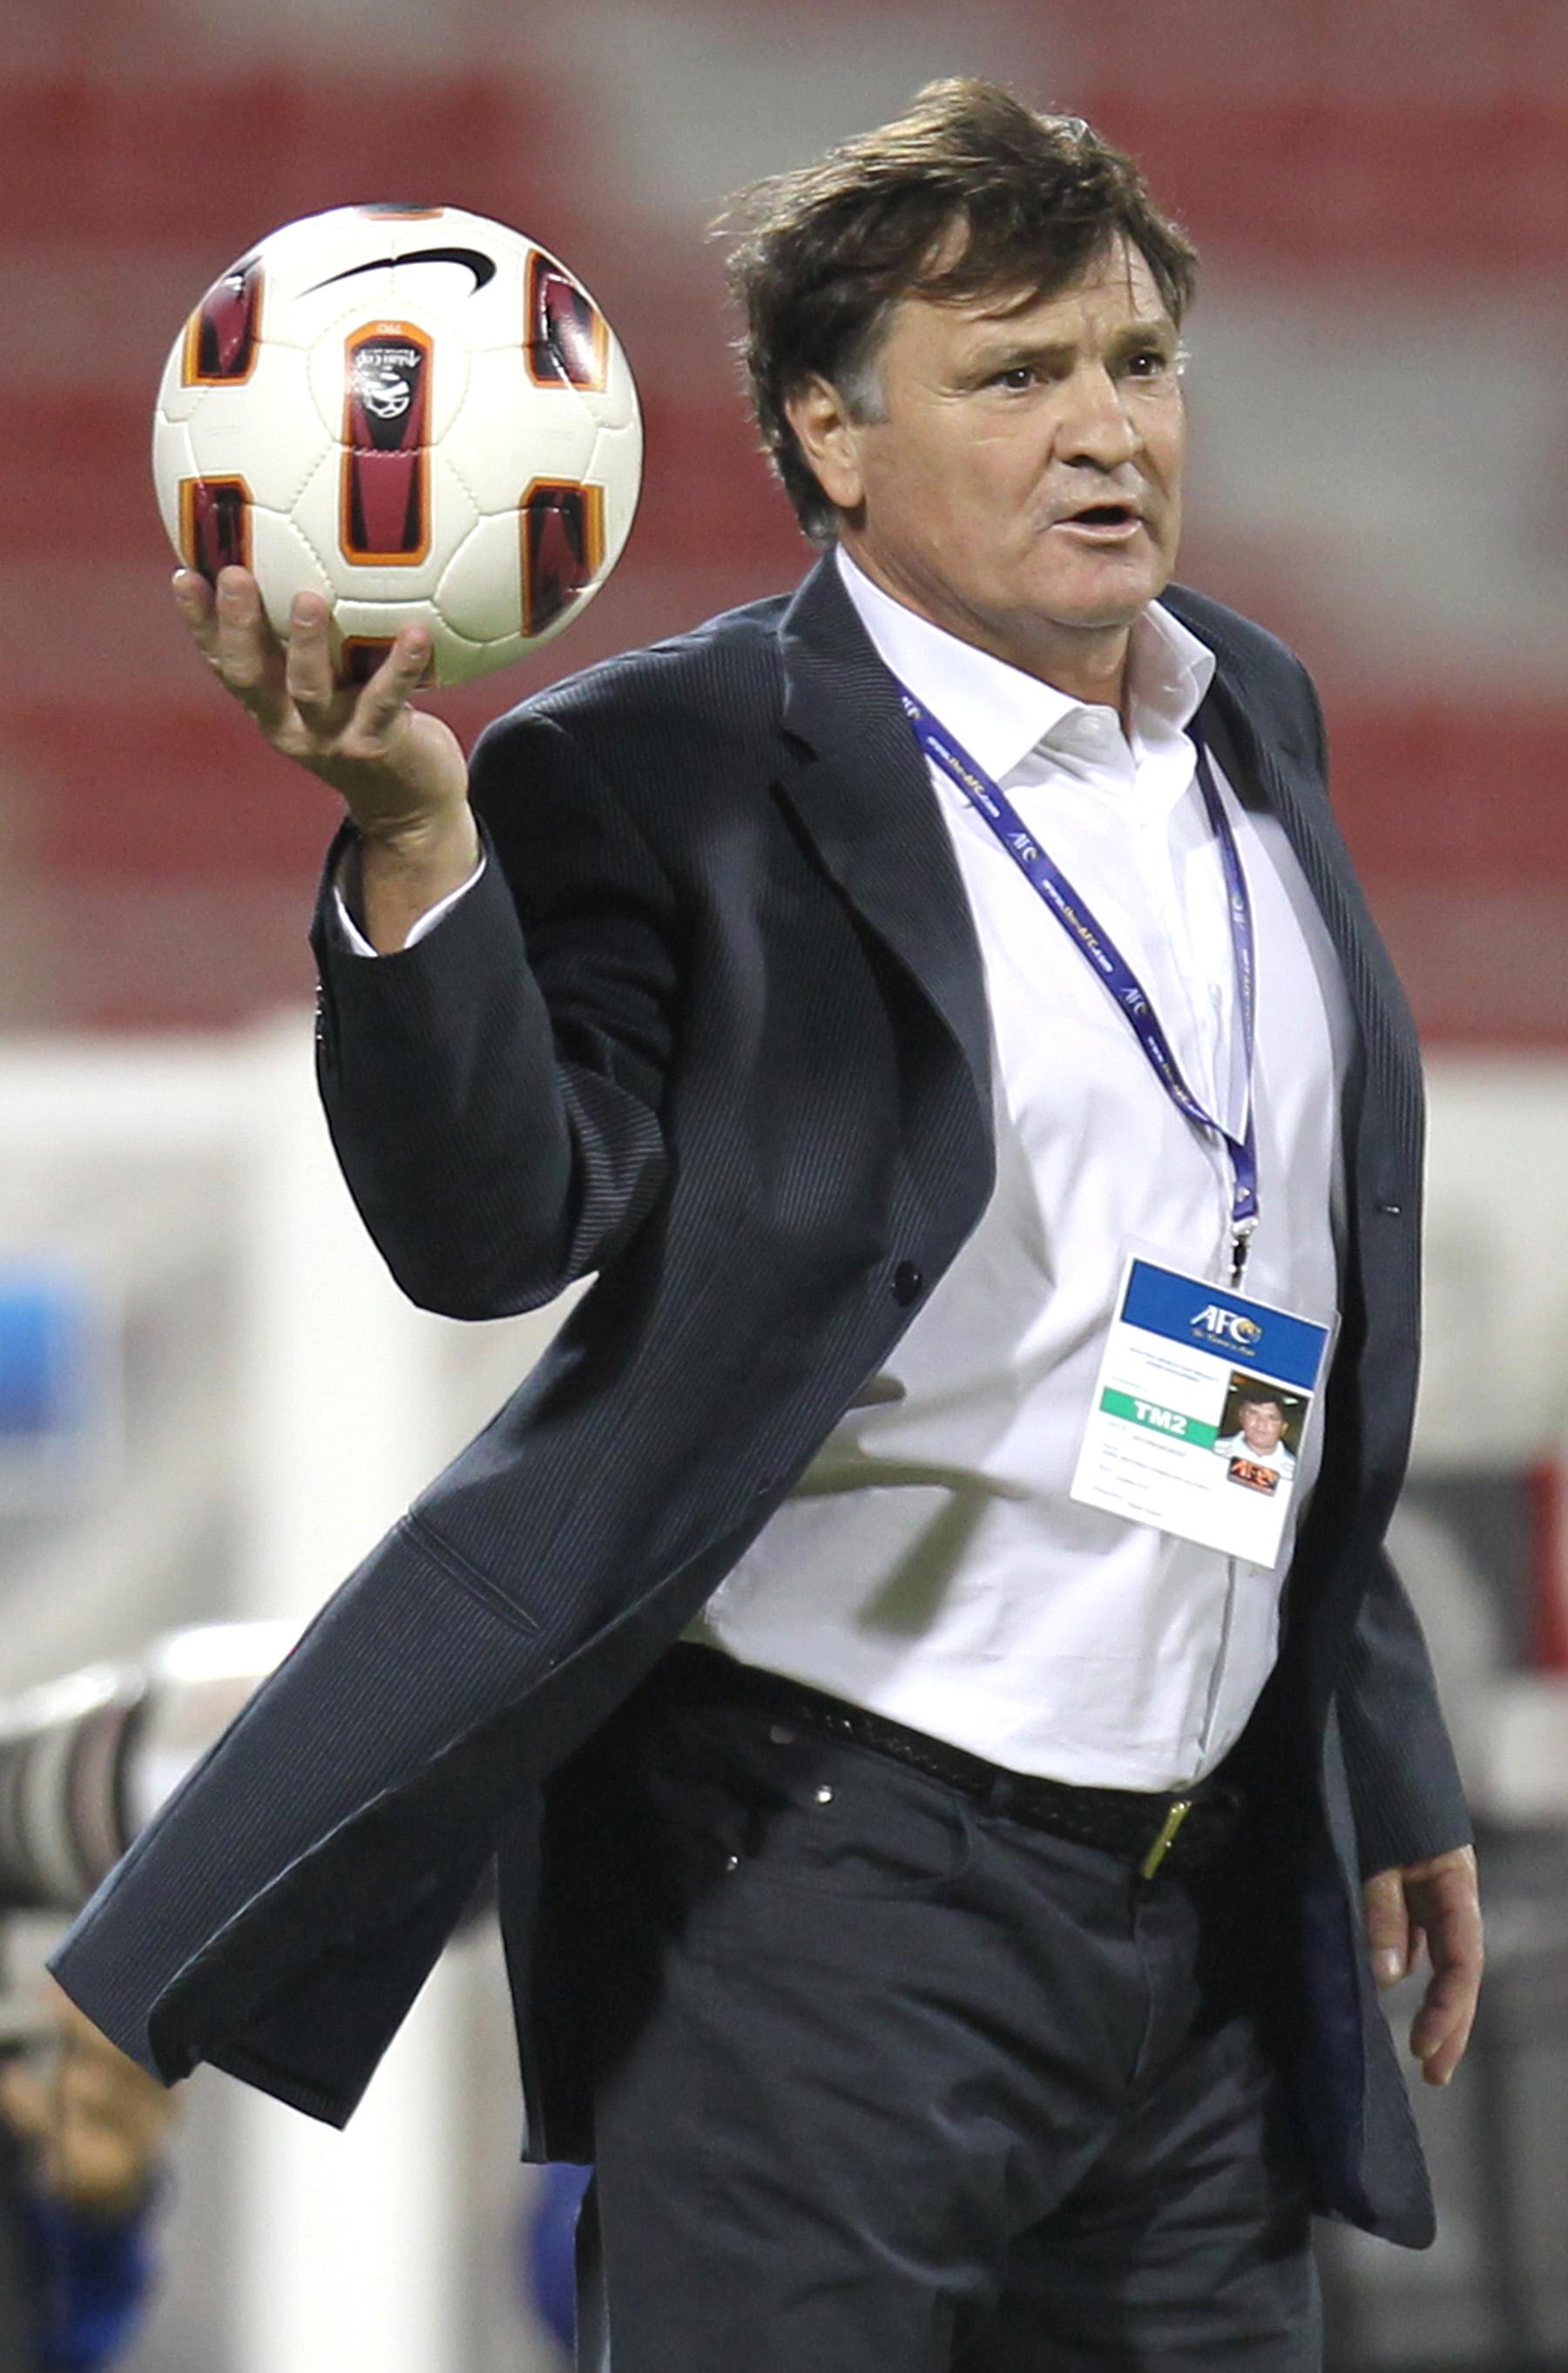 José Antonio Camacho - Wikipedia